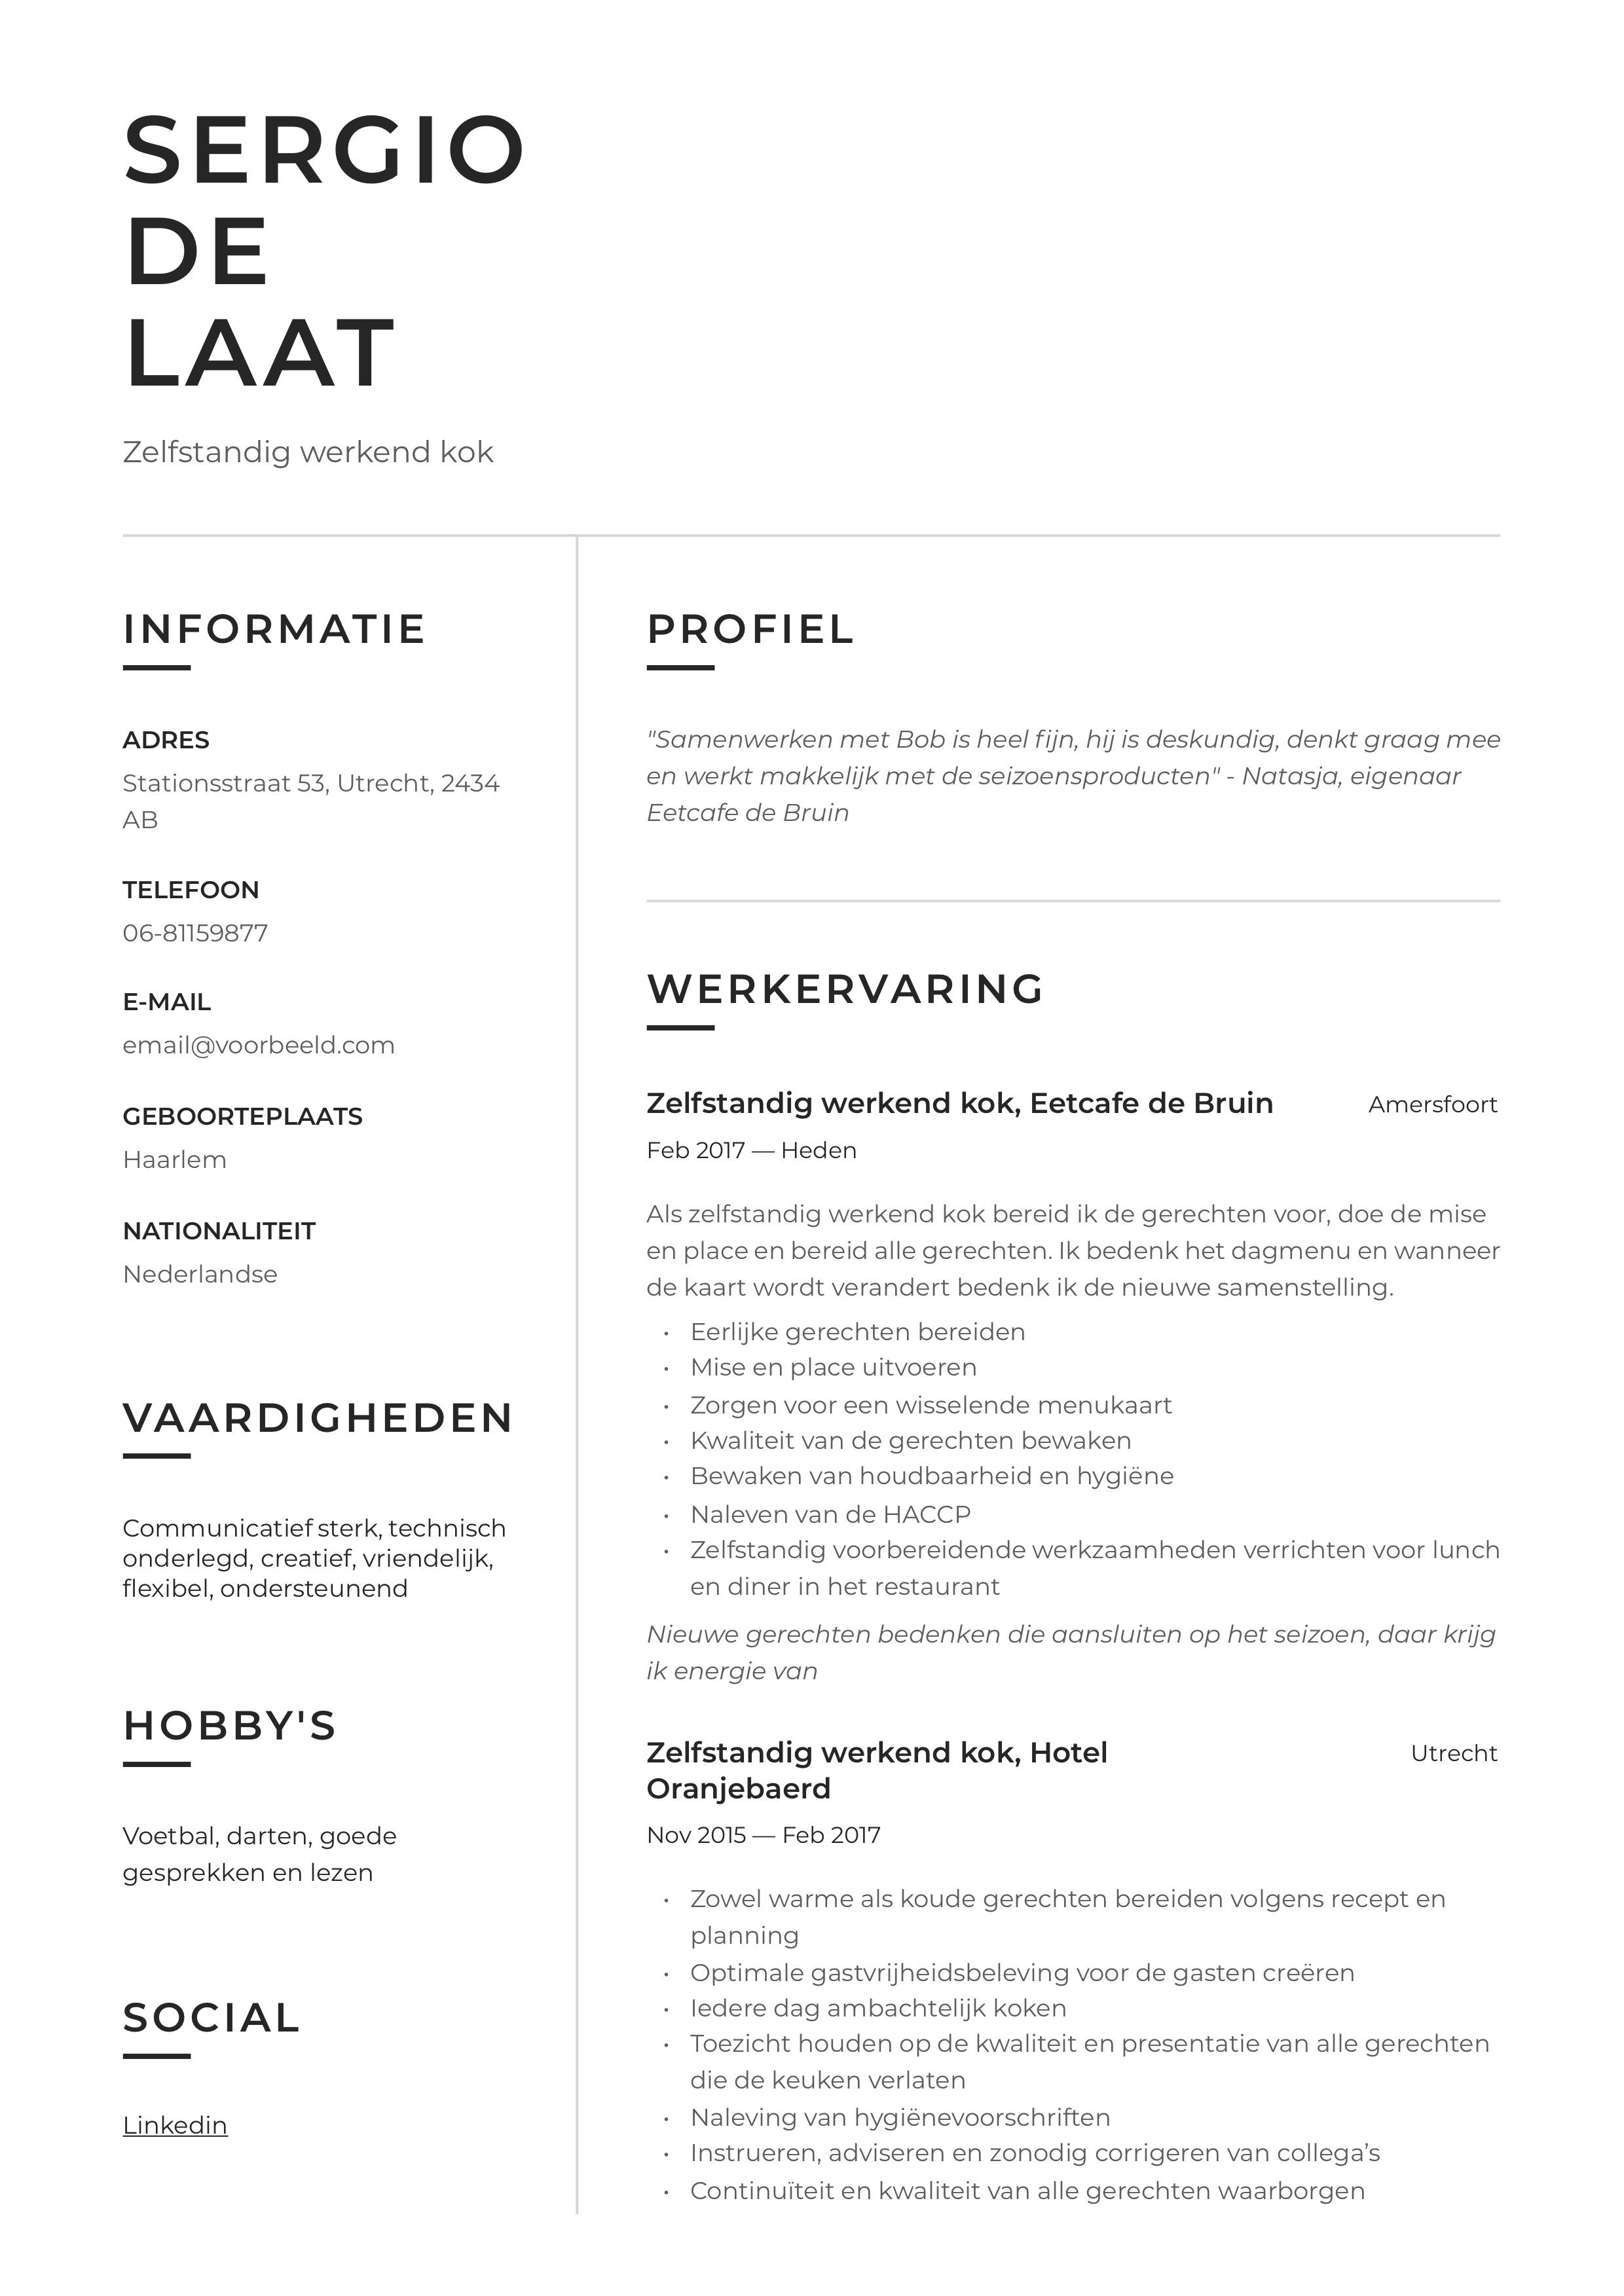 CV Voorbeeld Zelfstandig werkend kok